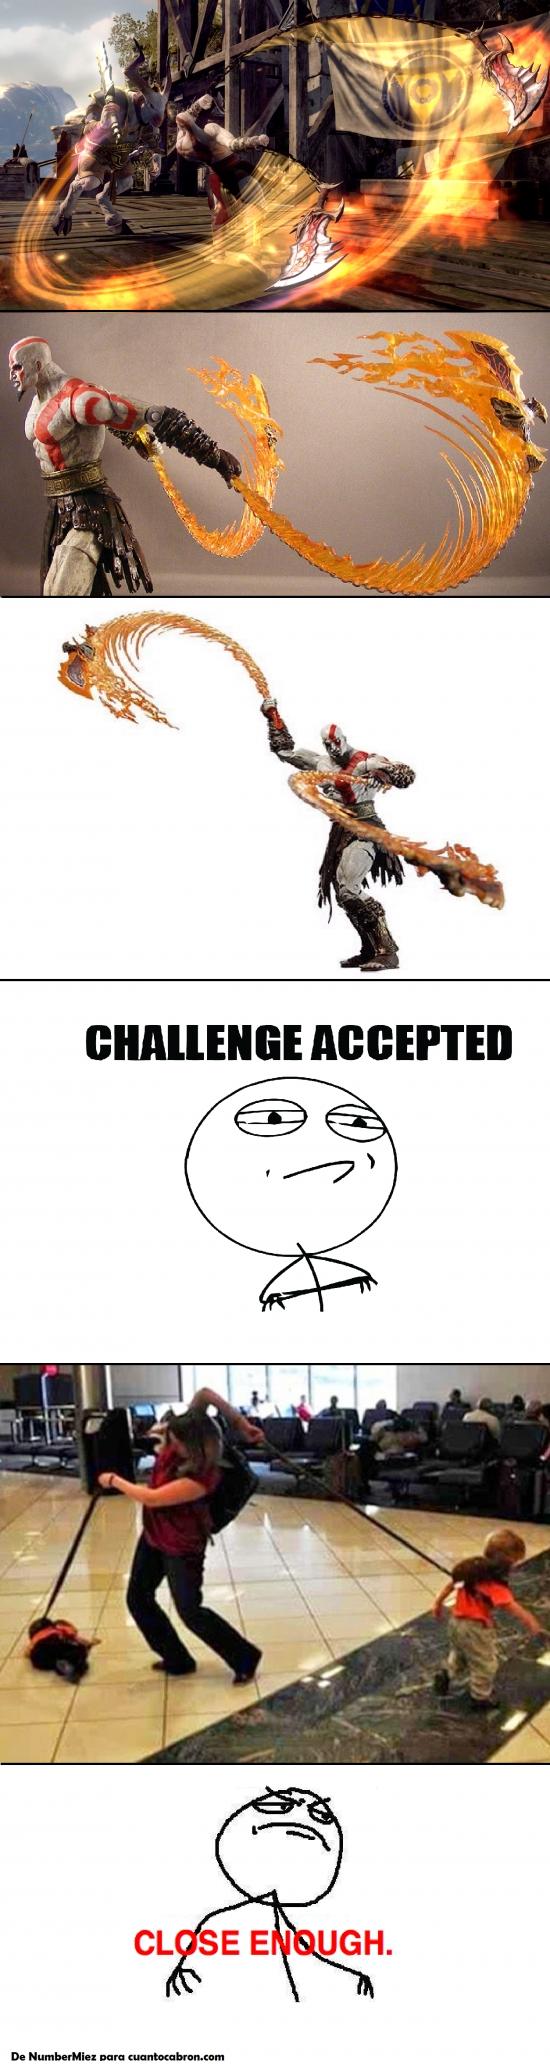 Challenge_accepted - Feel like Kratos, pero en versión paternal